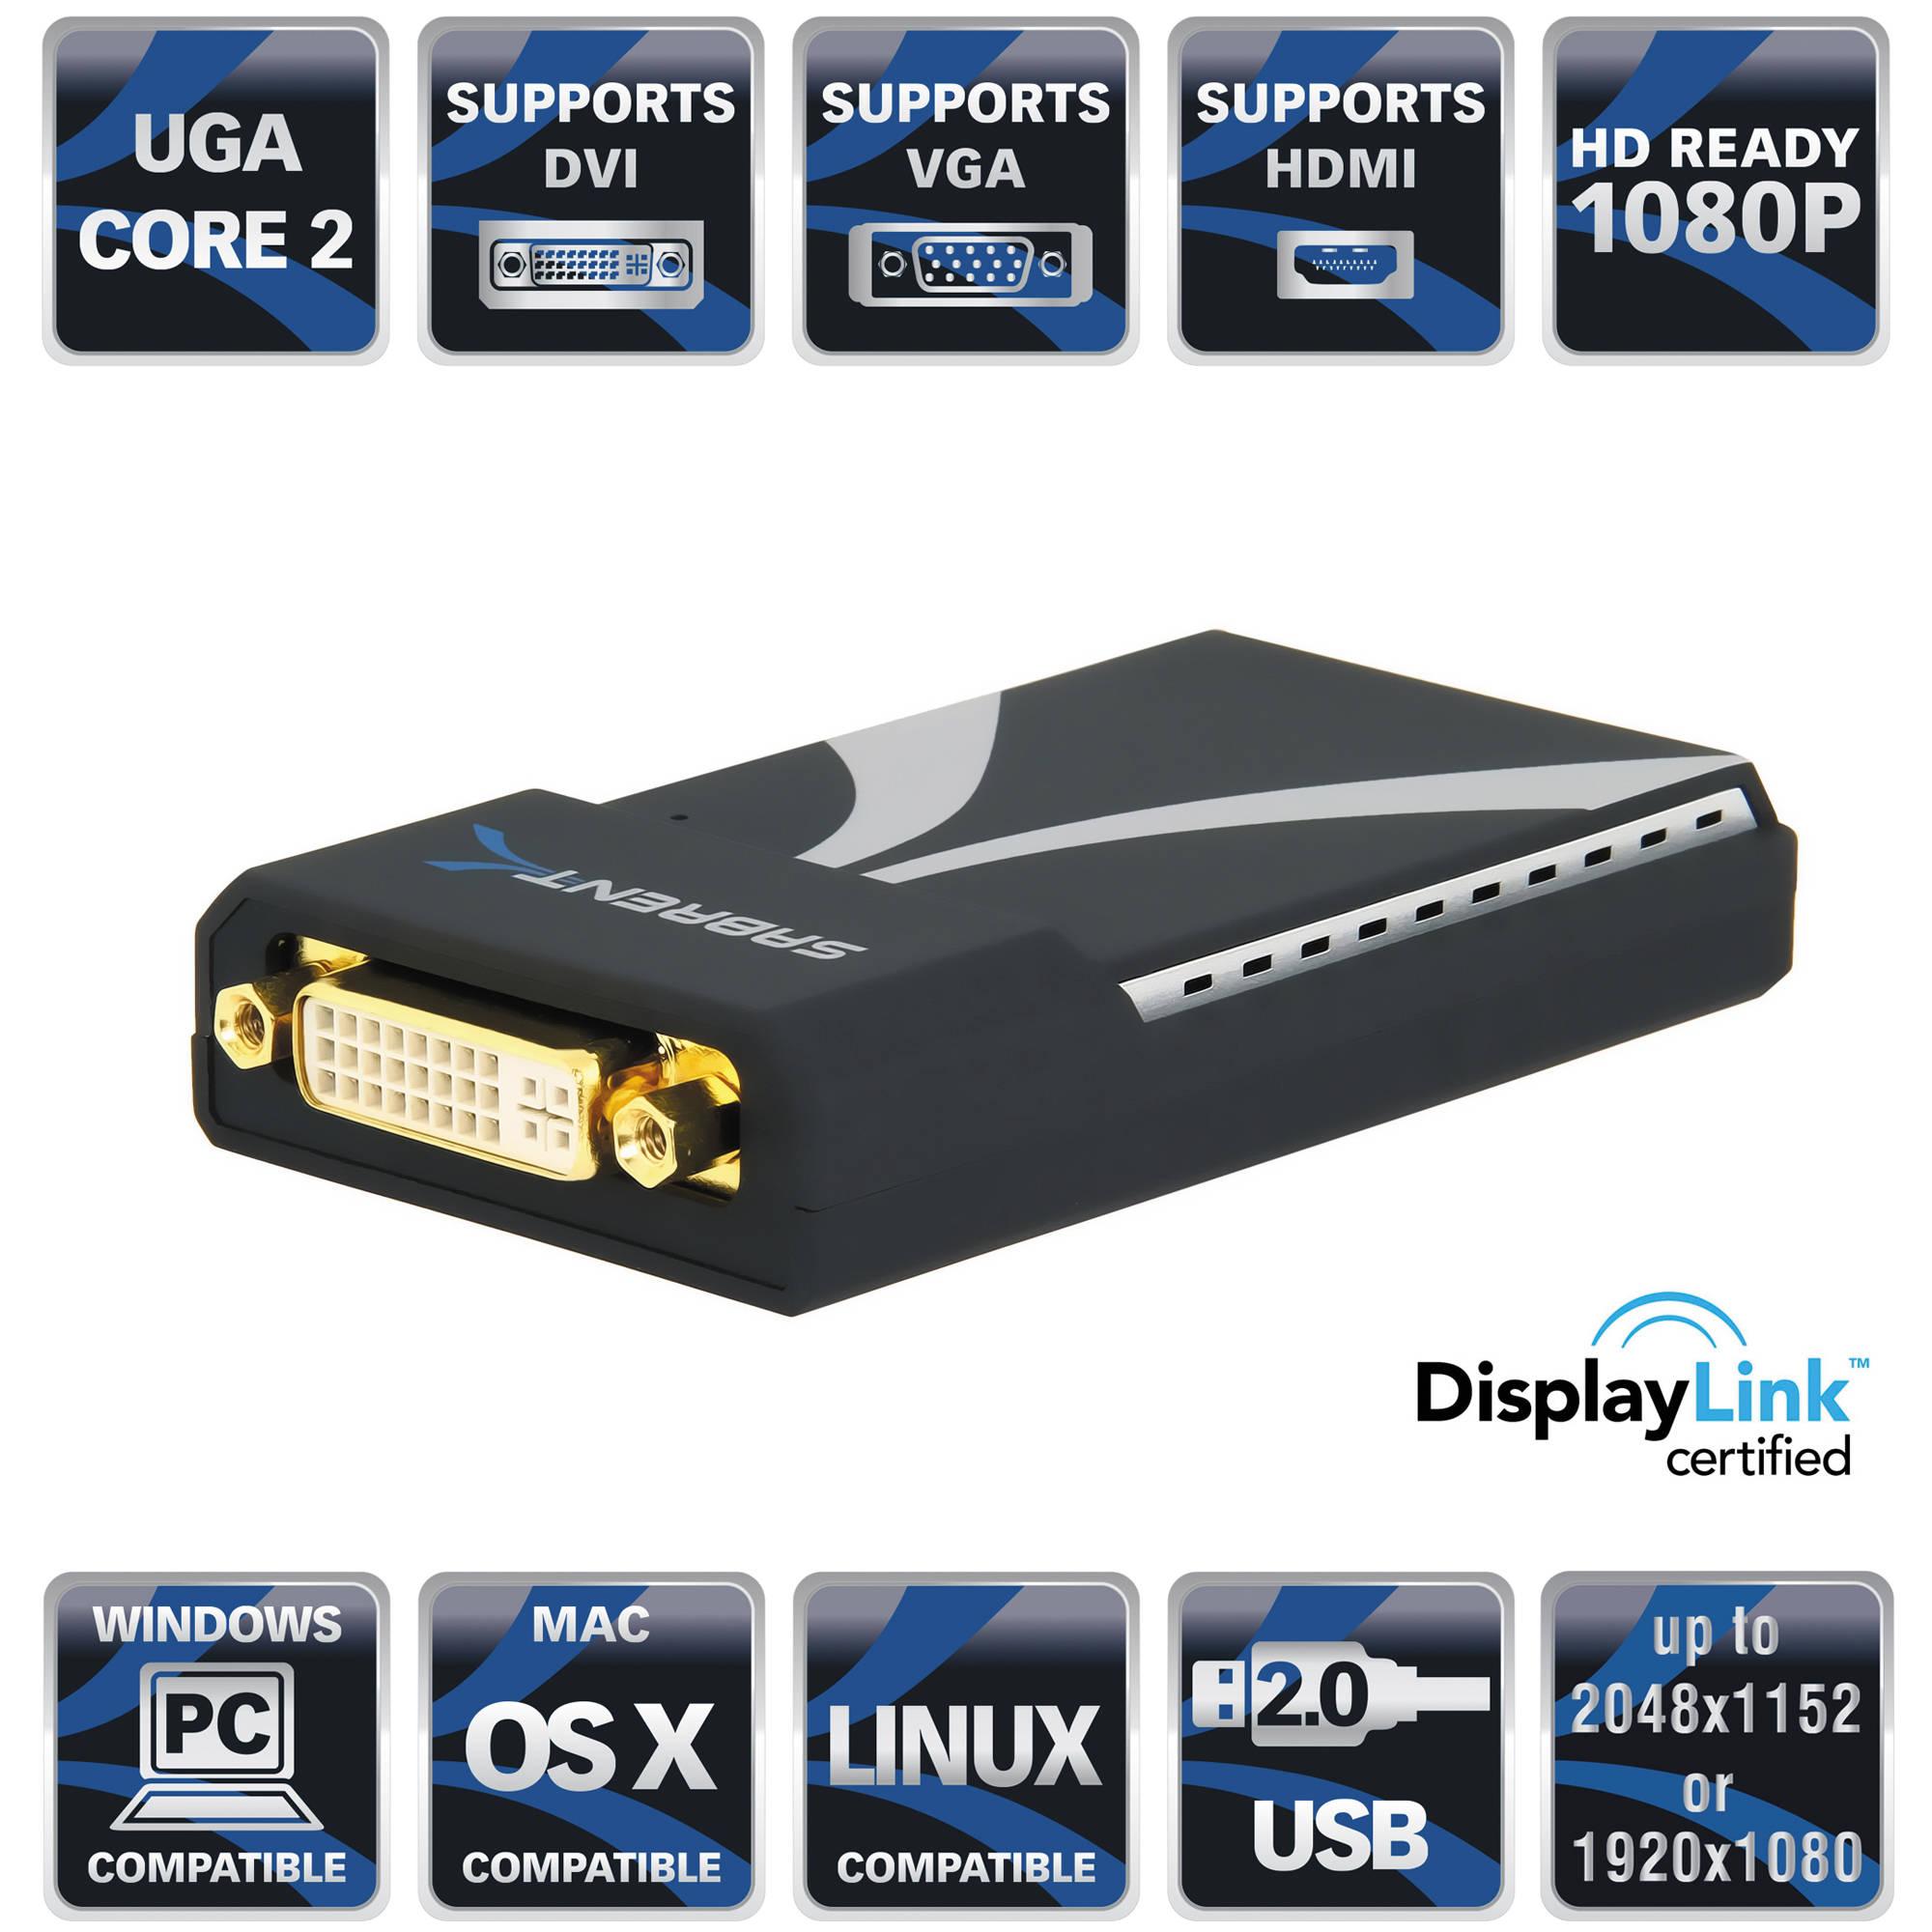 Usb 2 0 To Vga Adapter Mac Cable Hdmi Macbook Air Fnac Micro Sd Adapter Nedir Intex Adapter B Amazon: Sabrent Multi-Display USB 2.0 To DVI/VGA Or HDMI Adapter